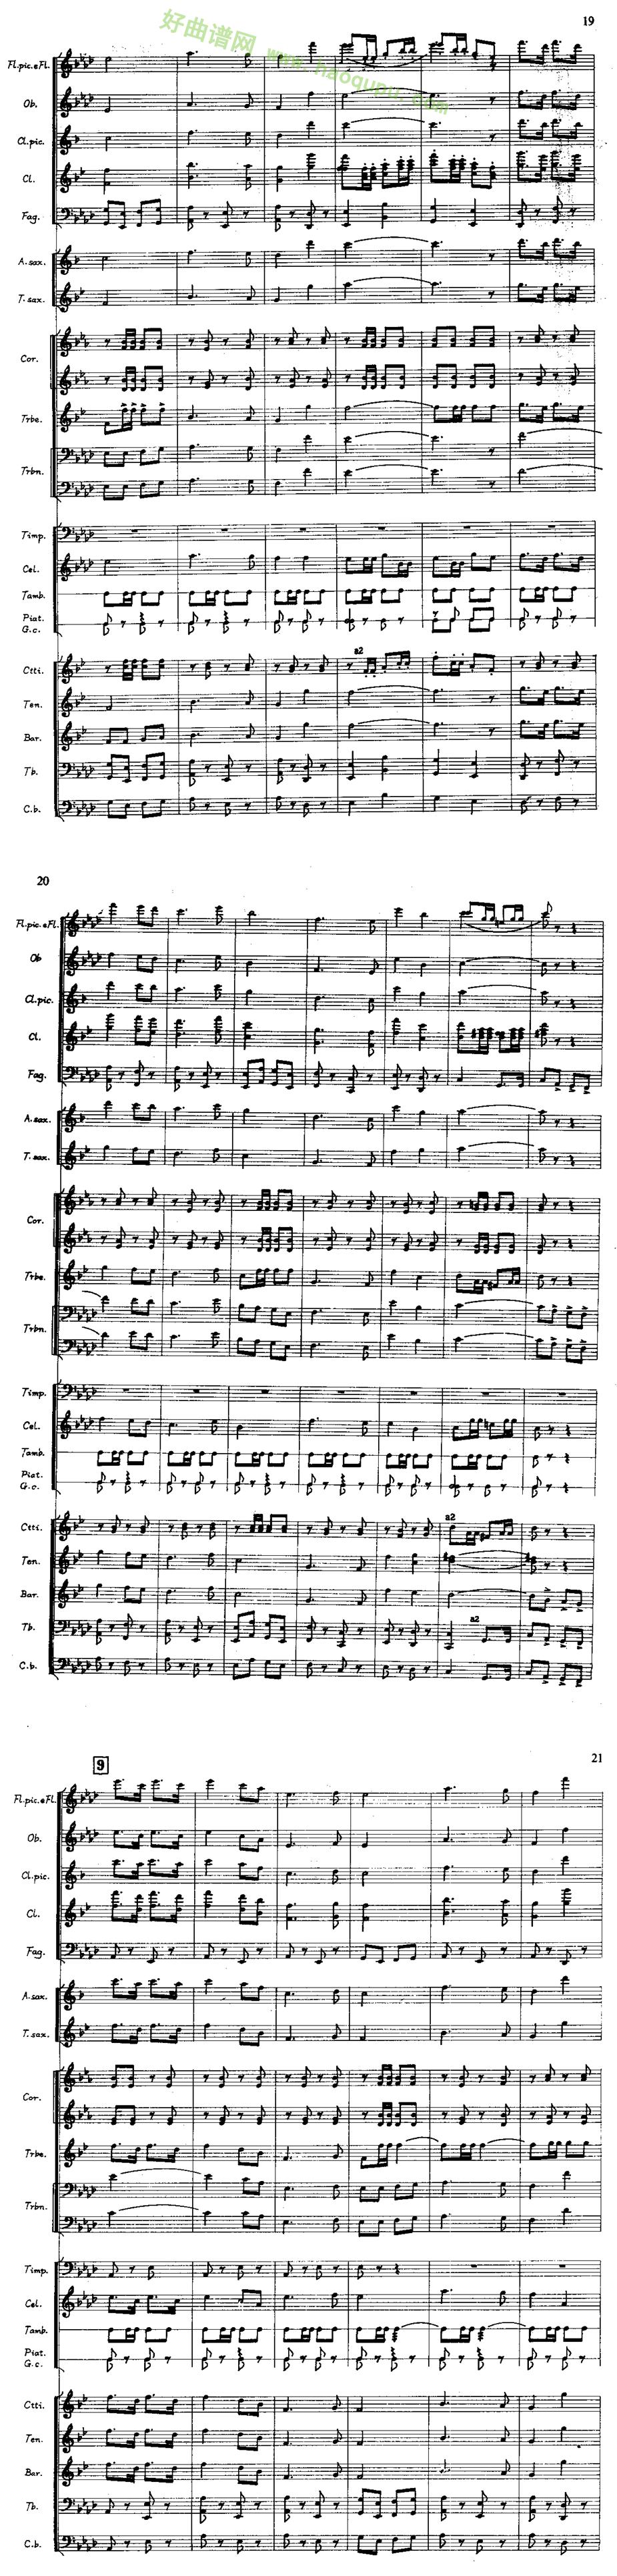 《军威进行曲》(军乐)(线谱)管乐总谱第8张